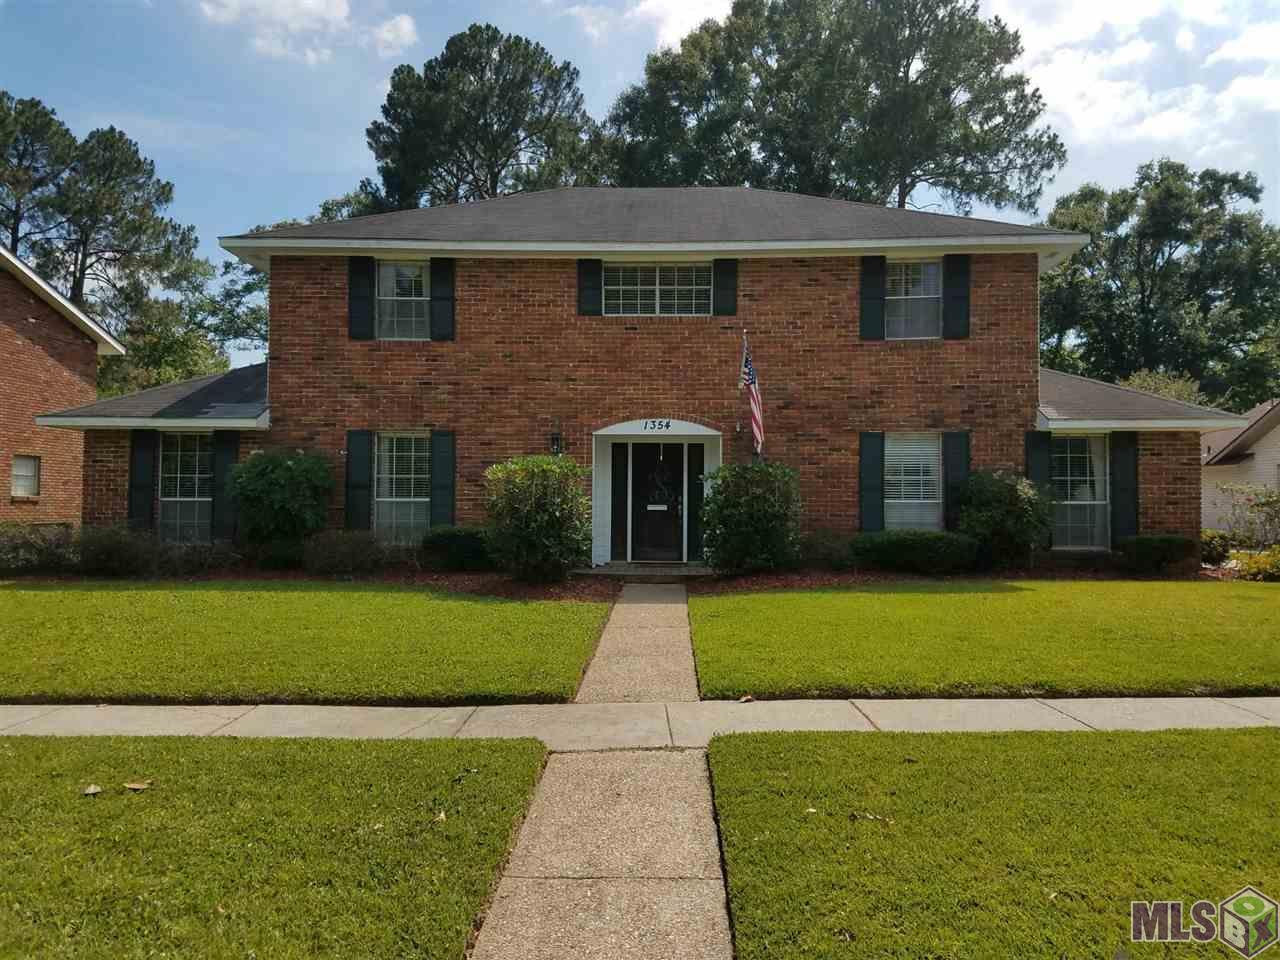 1354 ASHLAND DR, Baton Rouge, LA 70806